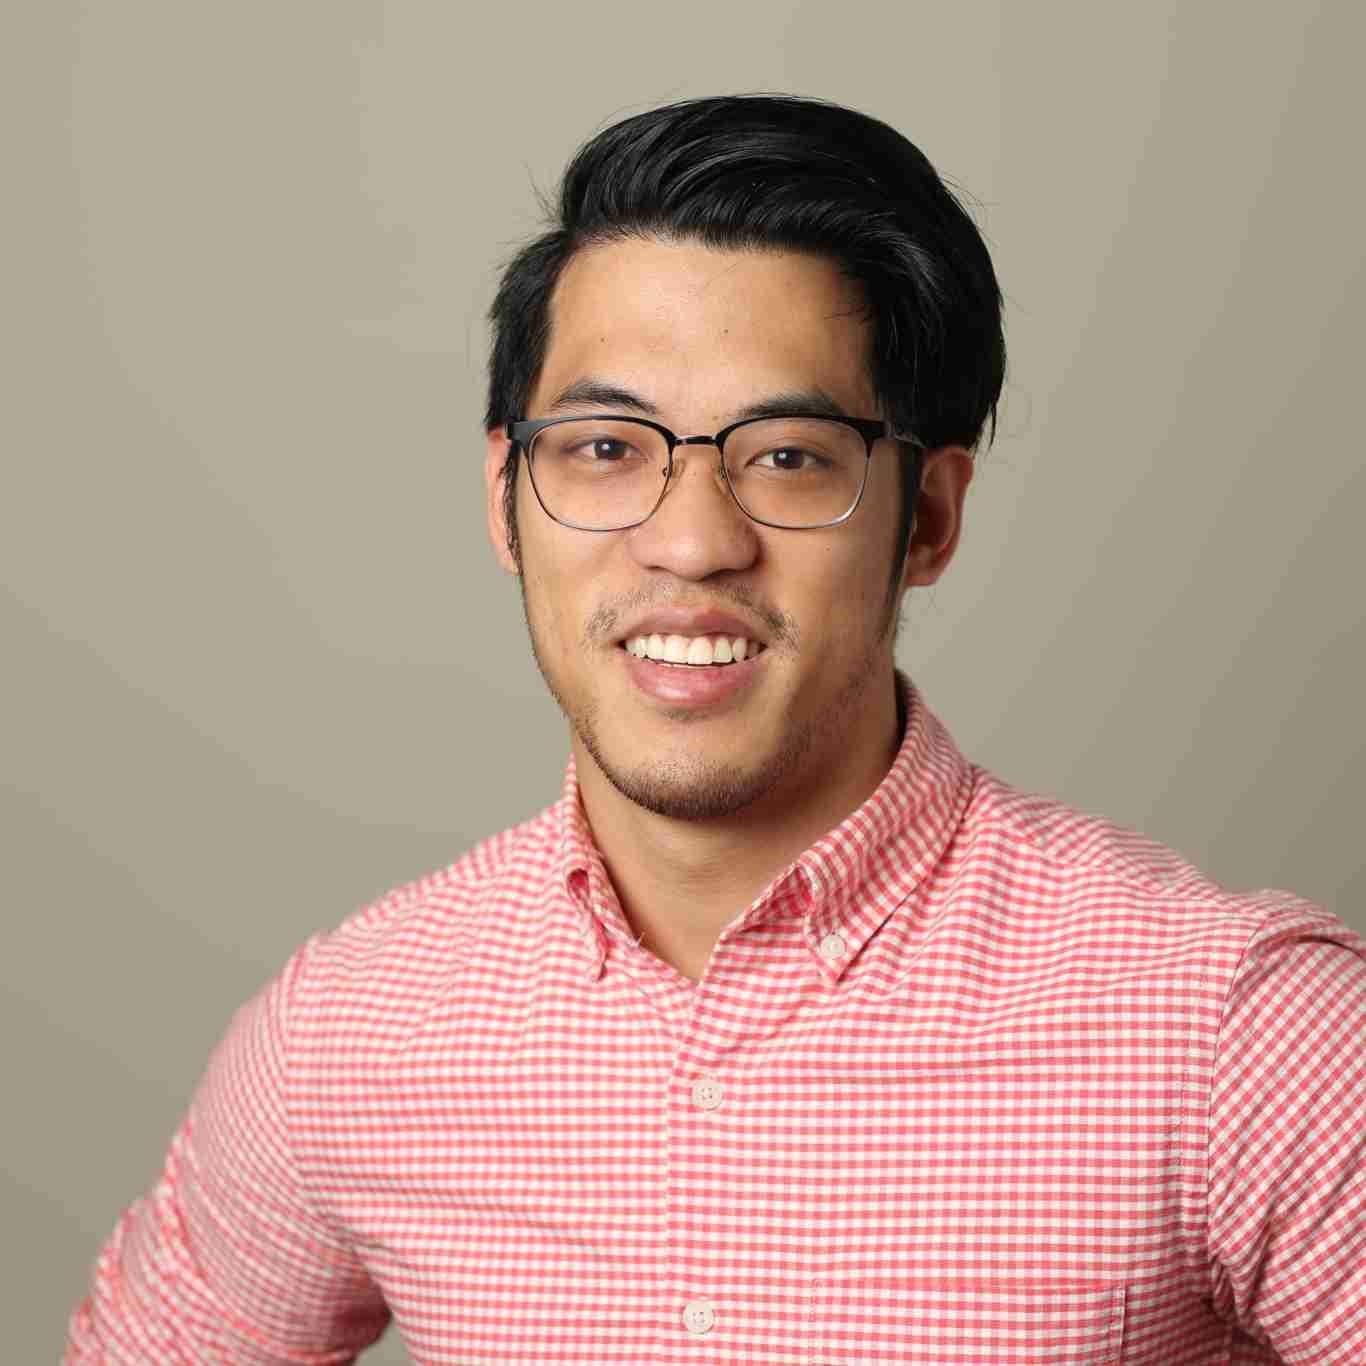 Eric Kenji Lee